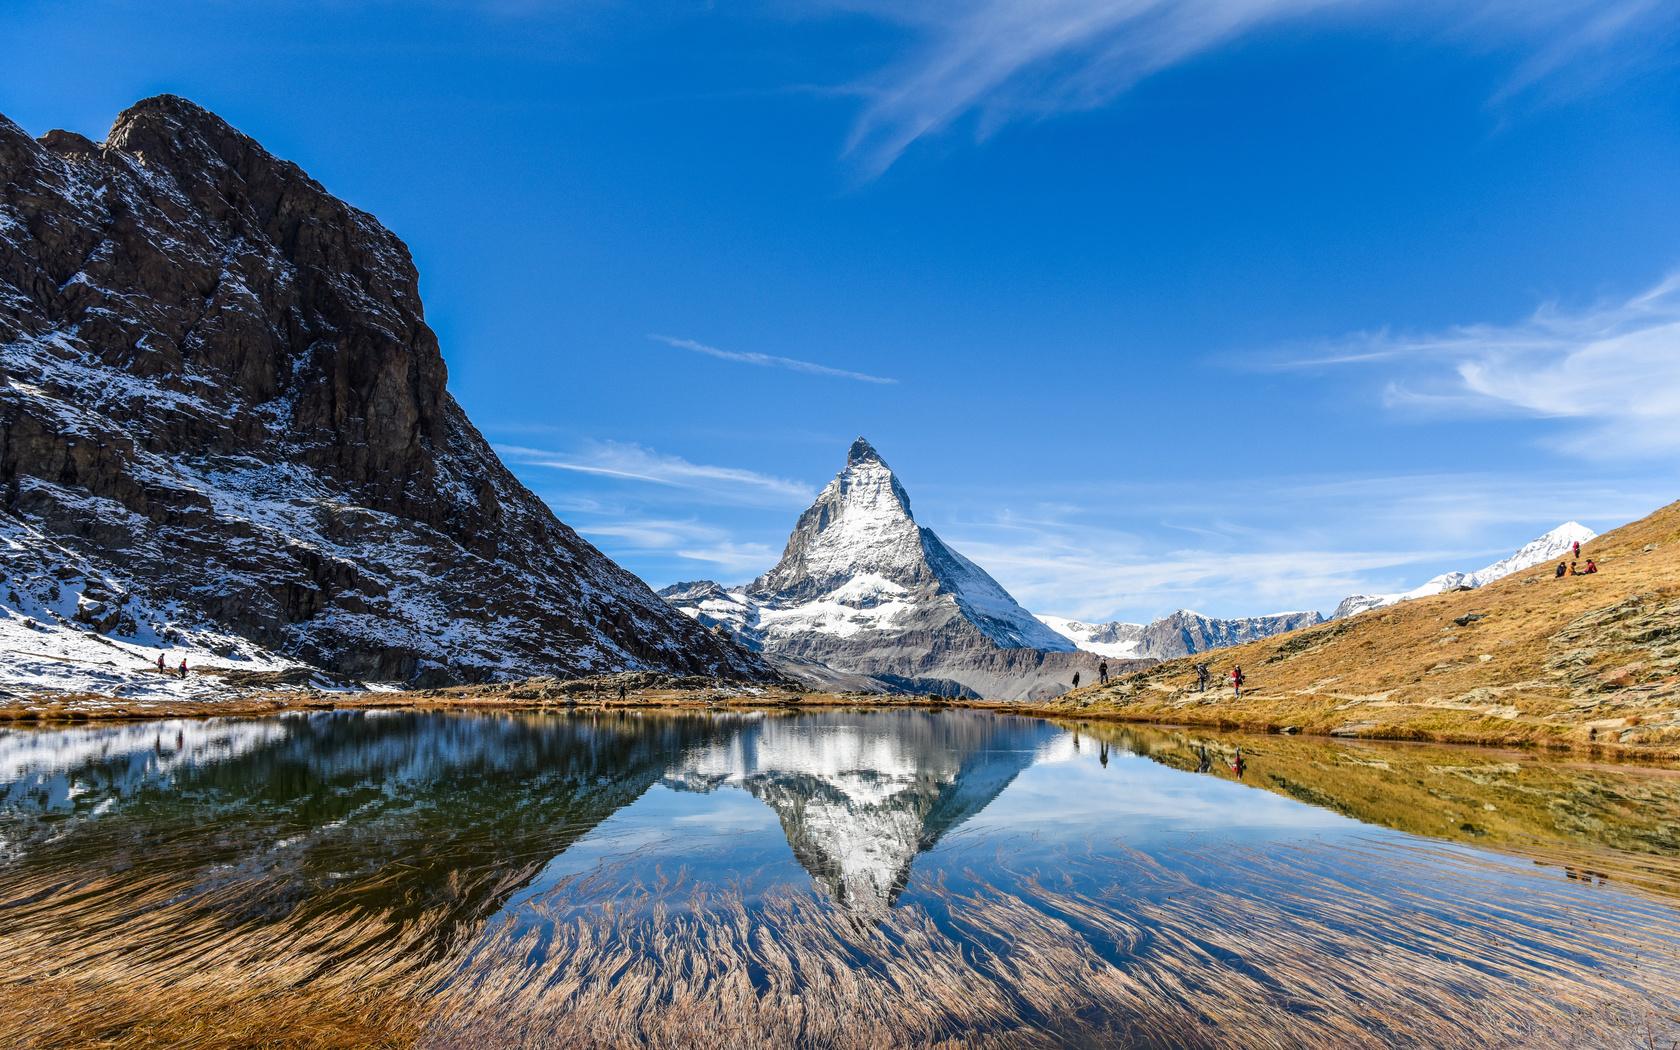 швейцария, горы, озеро, небо, скала, природа